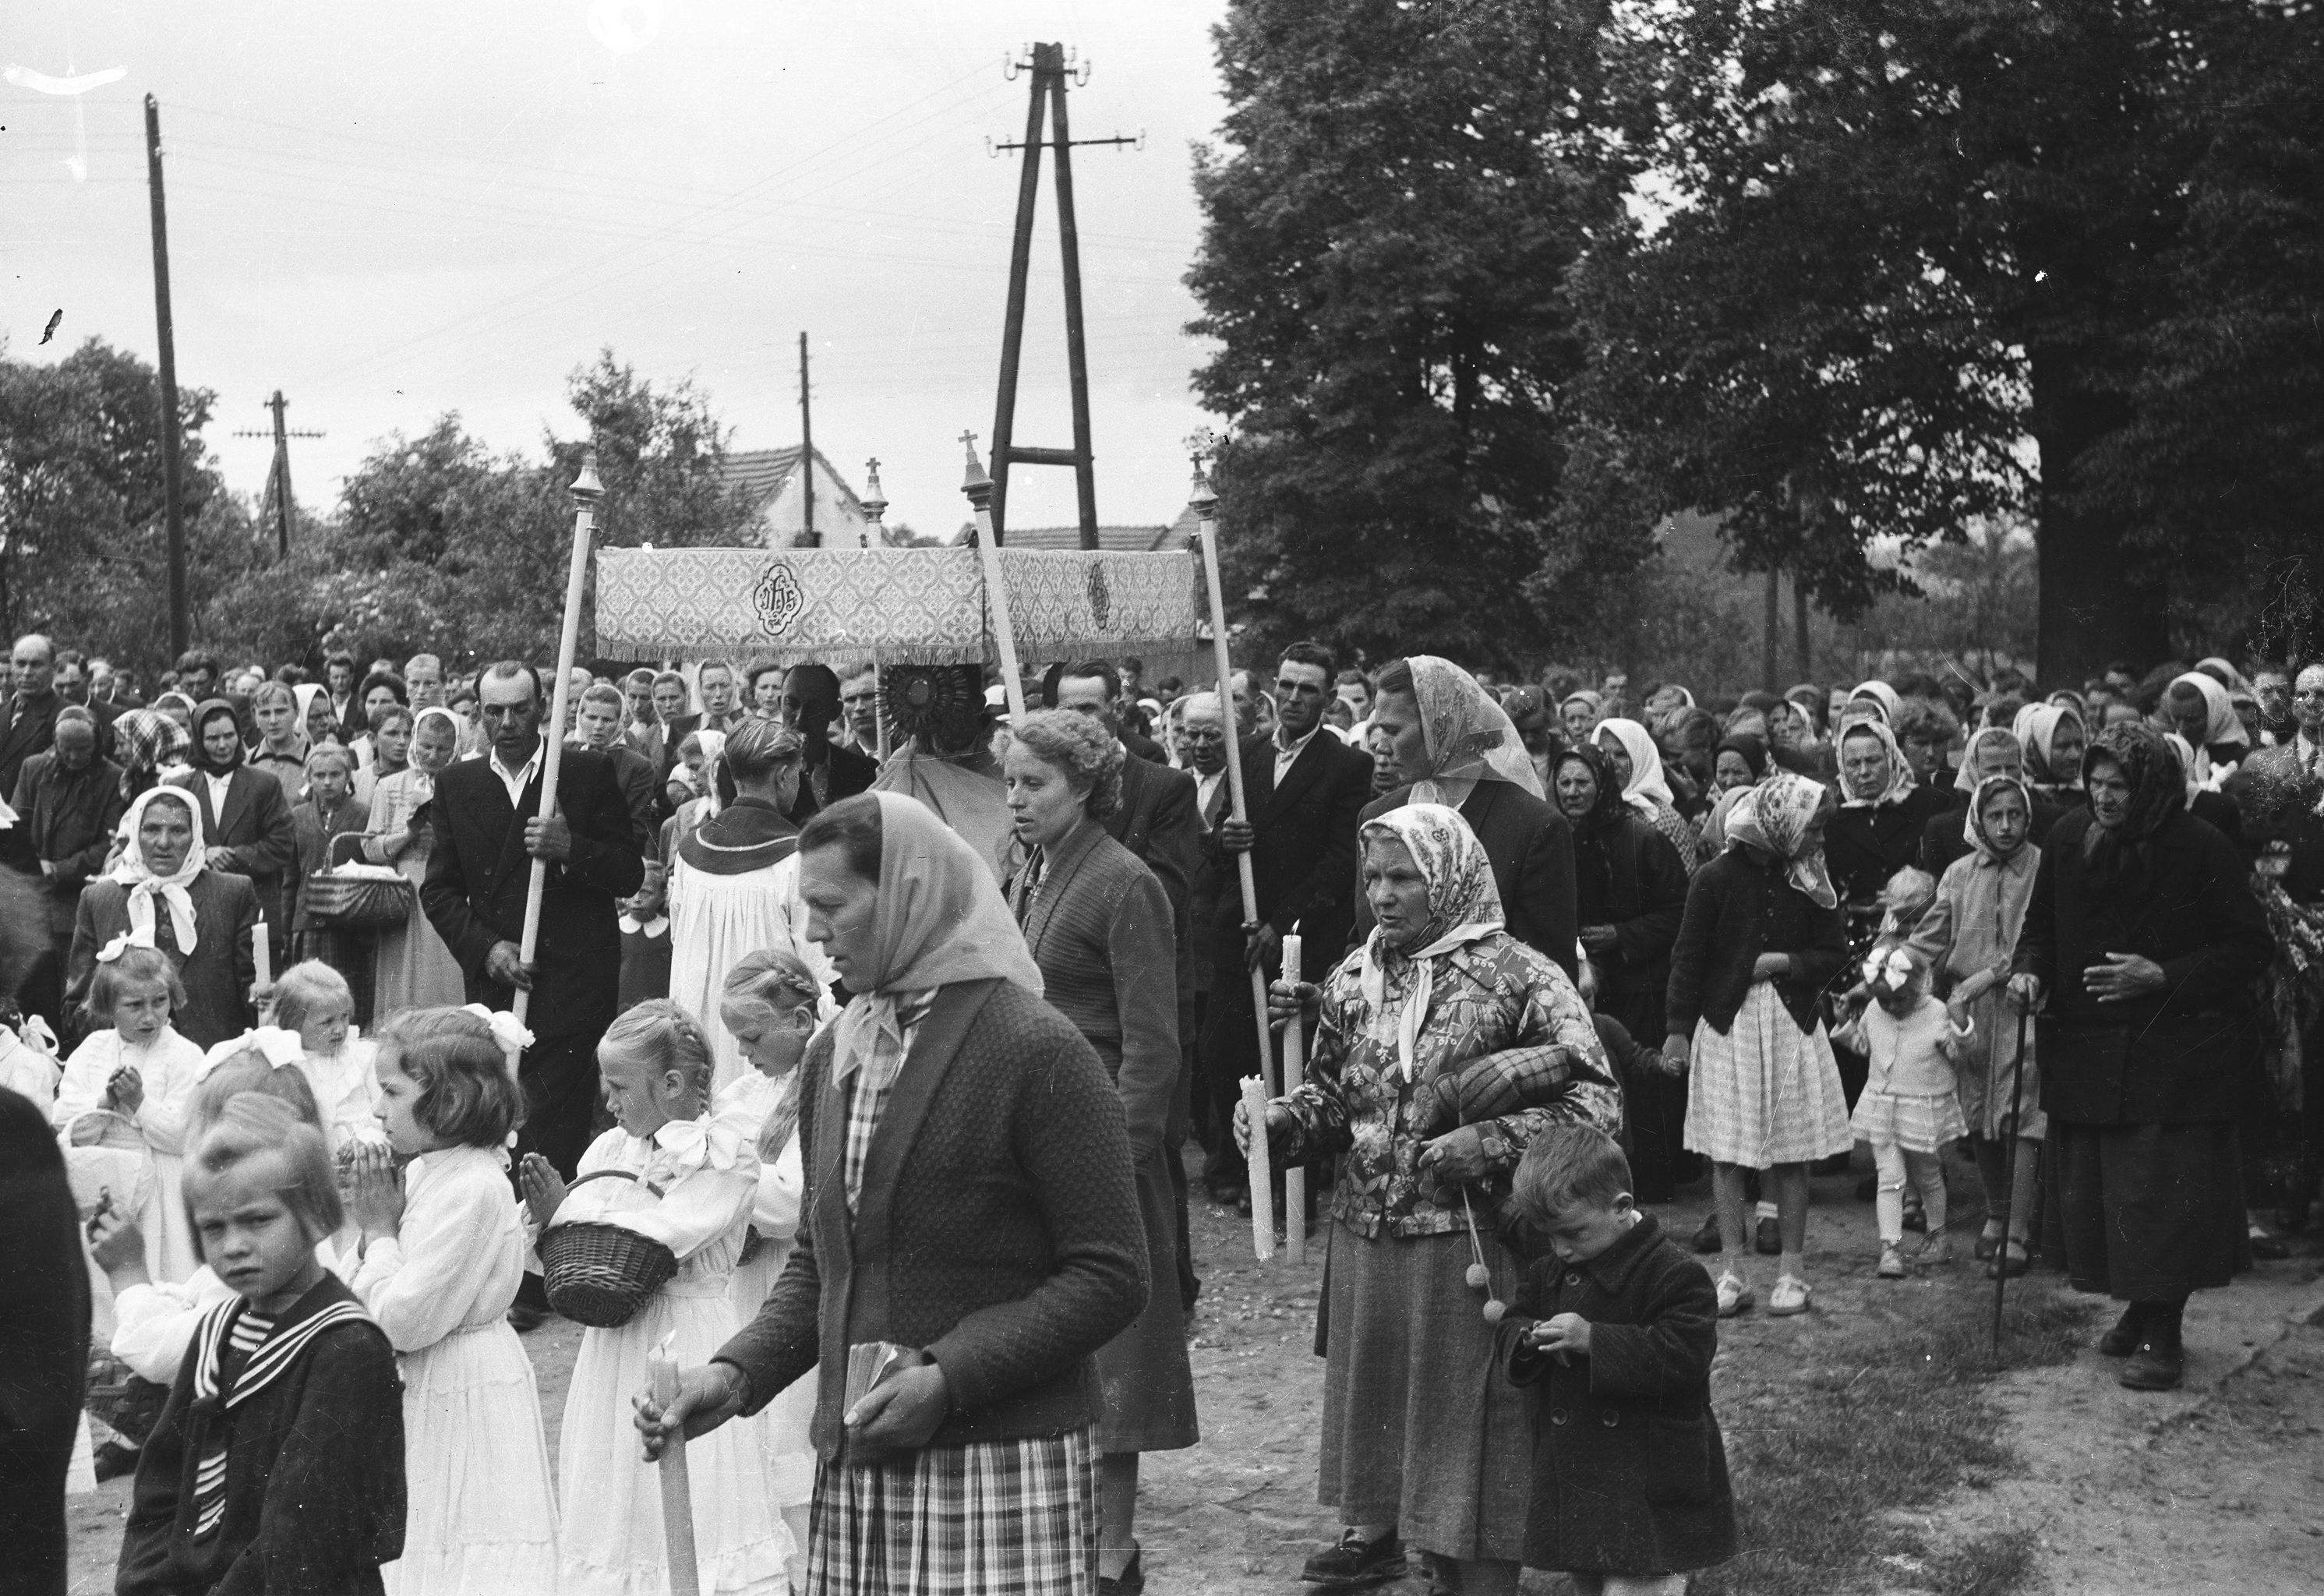 Procesja podczas obchodów uroczystości Bożego Ciała, Głębowice, Dolny Śląsk, 2. poł. XX w.